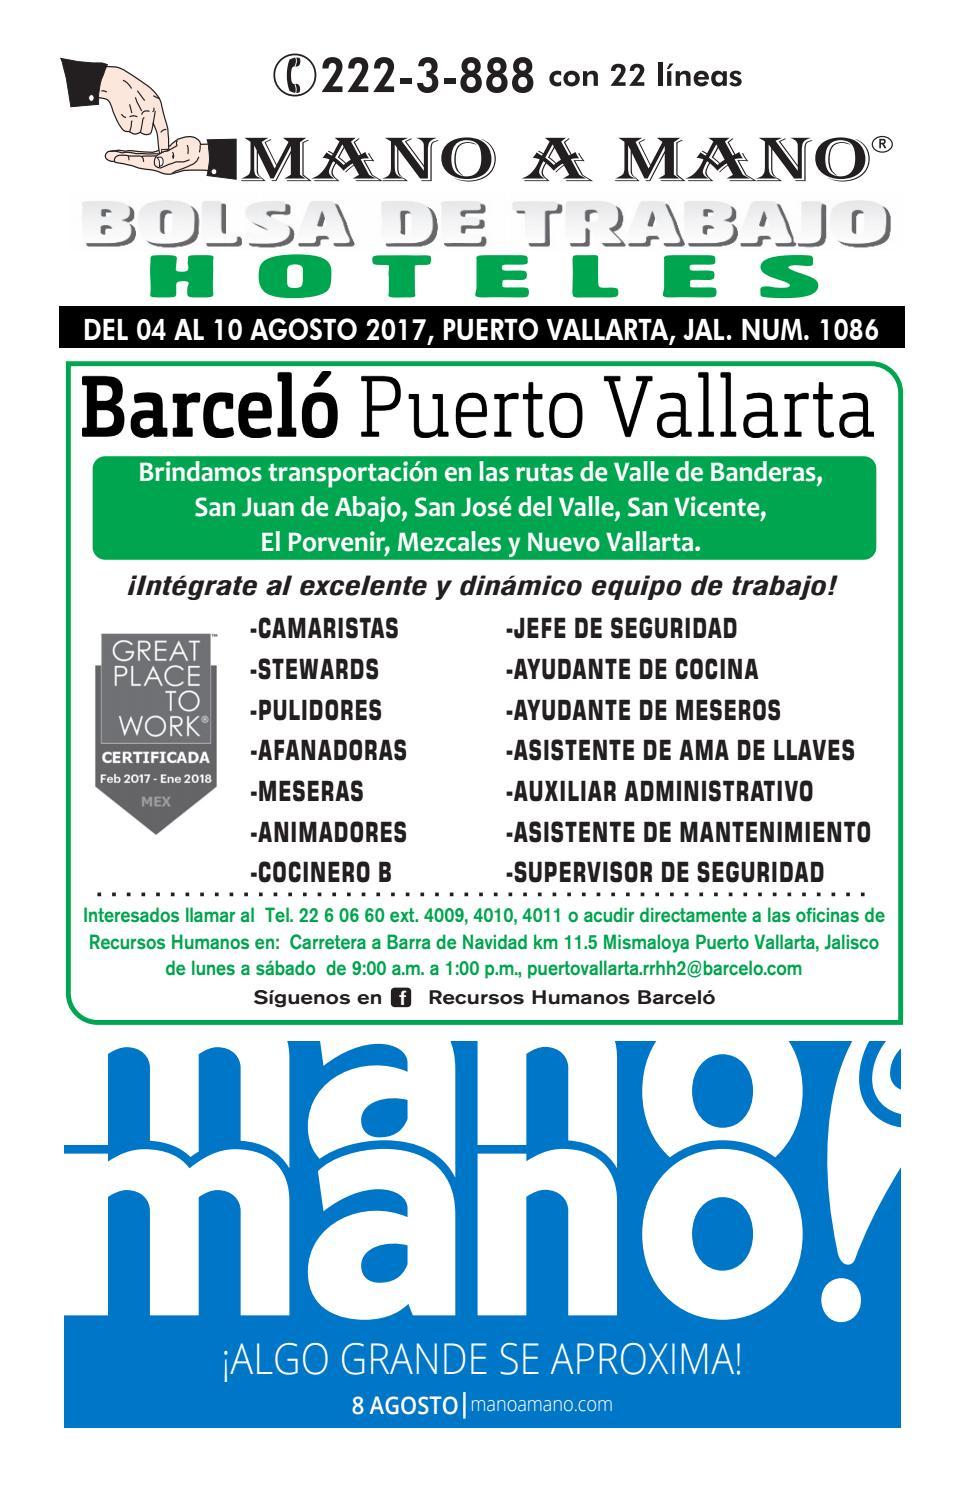 Bolsa trabajo hoteles 1086 by MANO A MANO - issuu